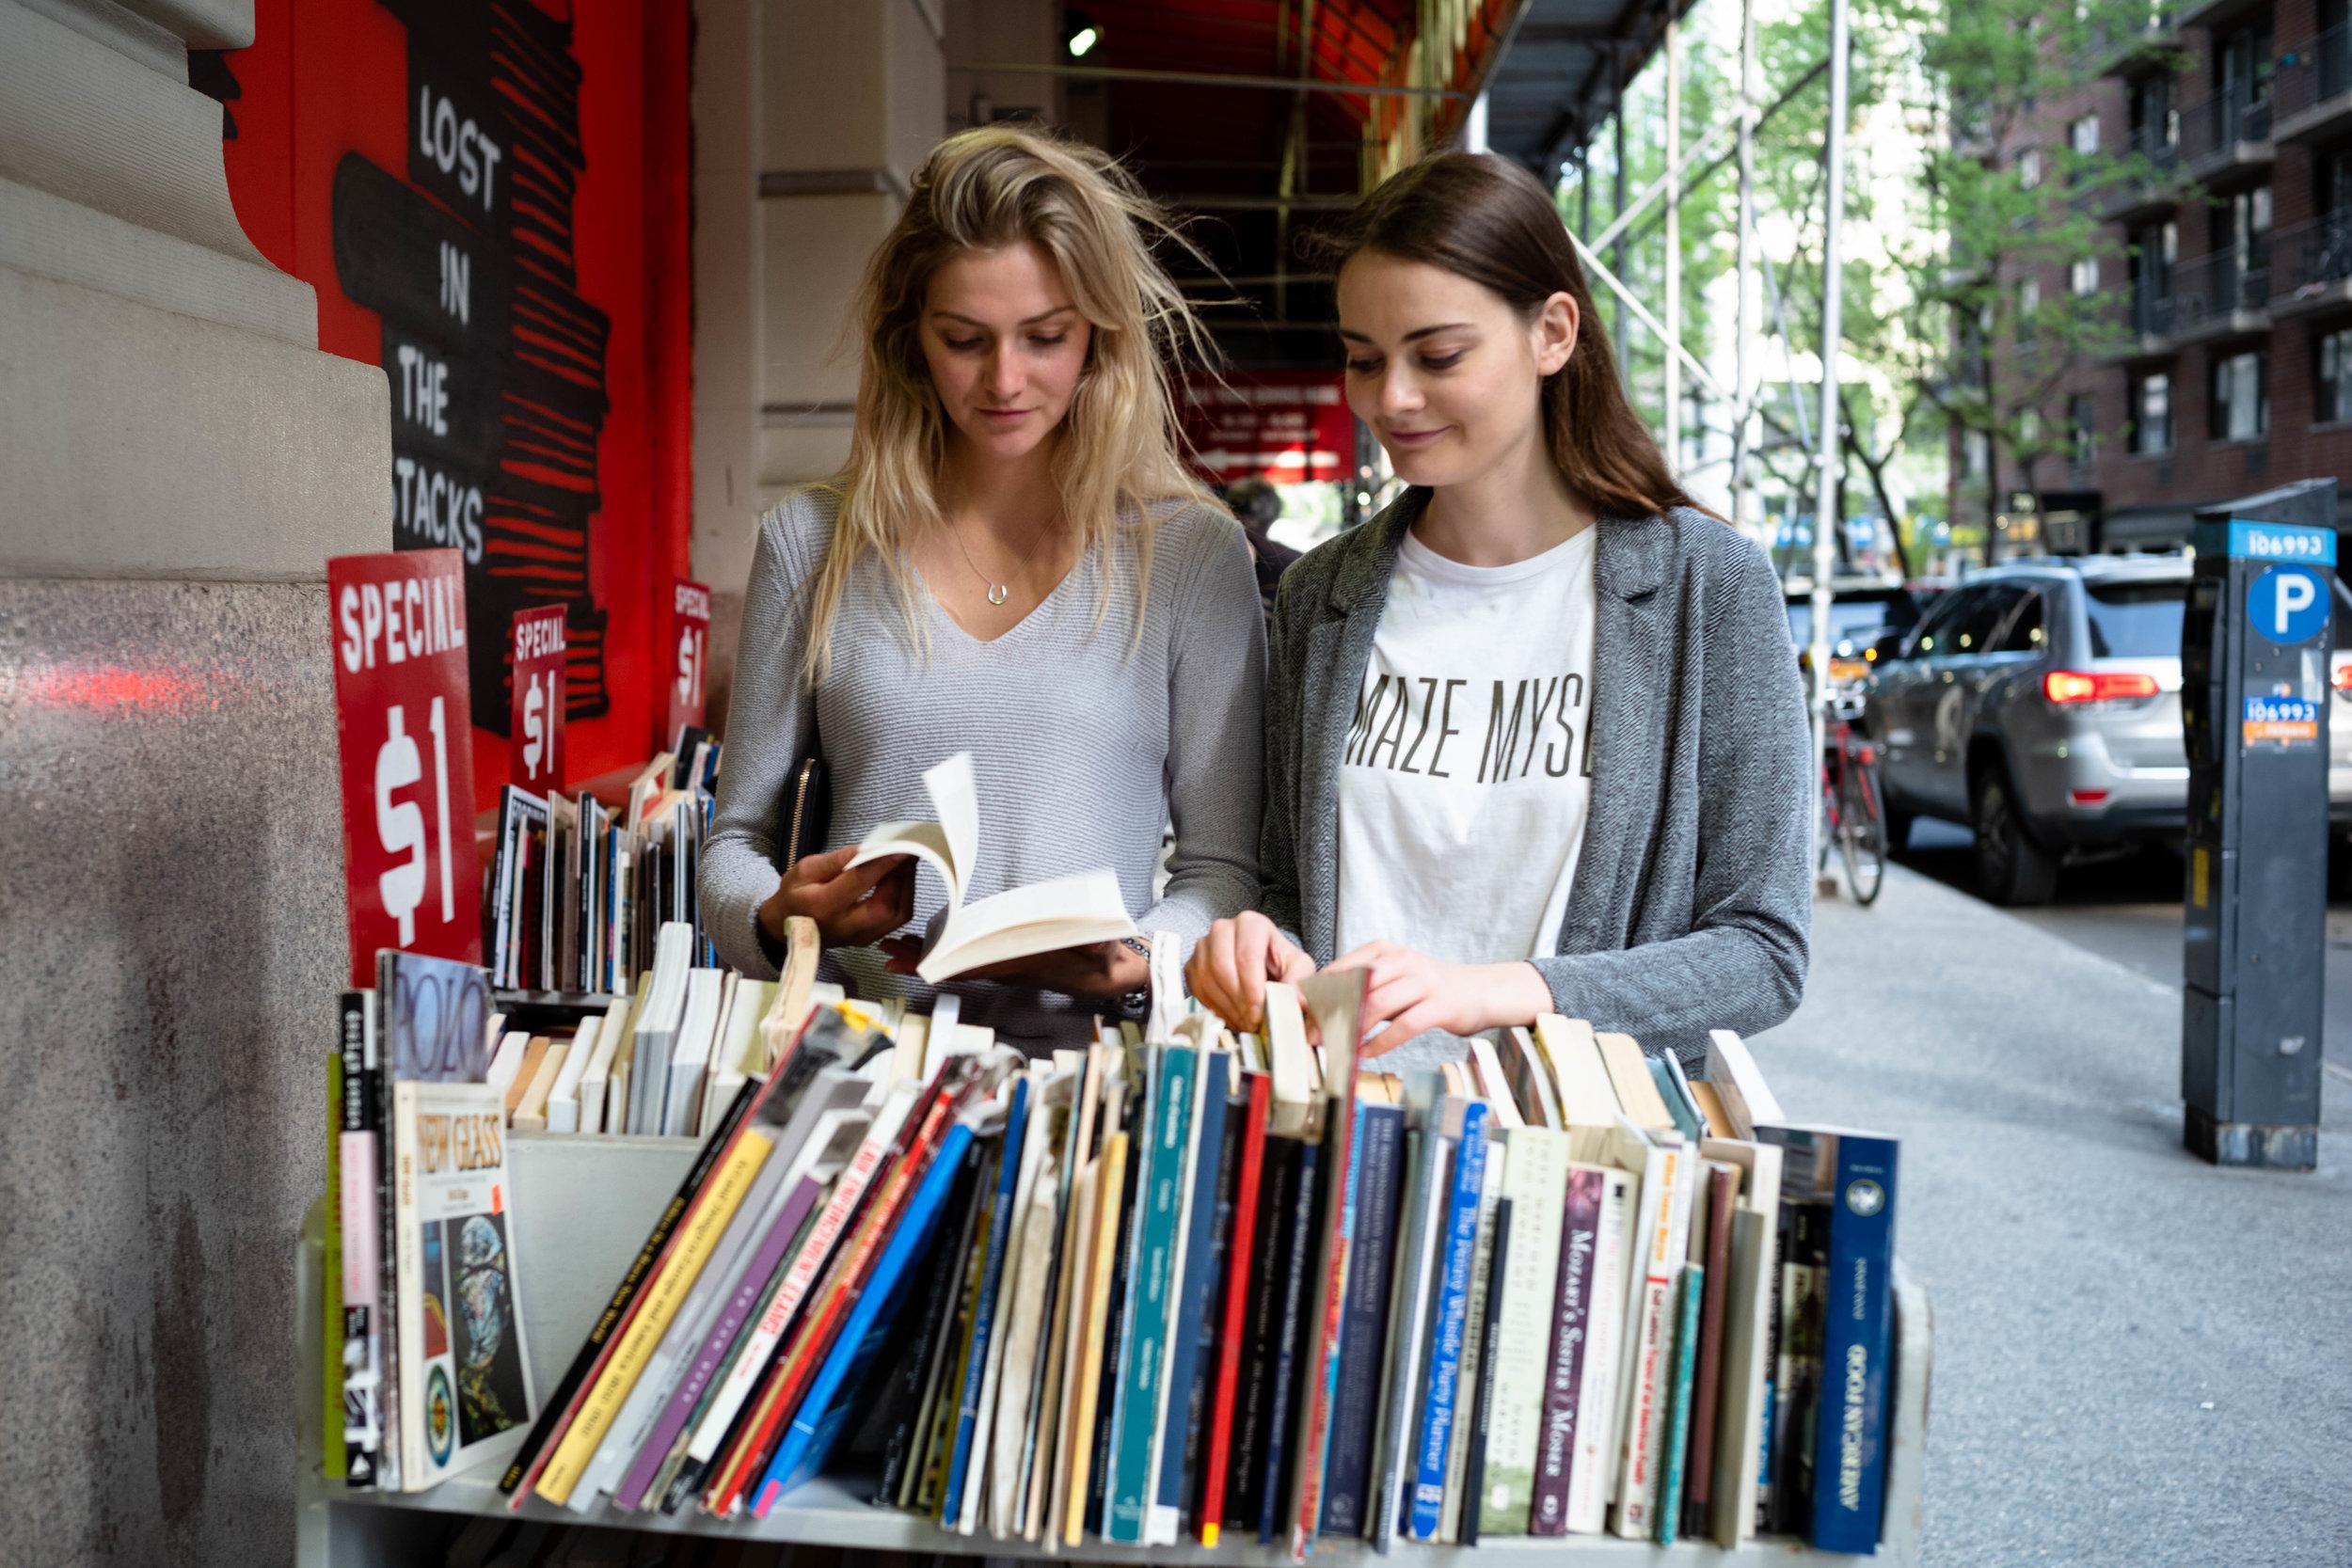 Outside Strand Bookstore, near Union Square.